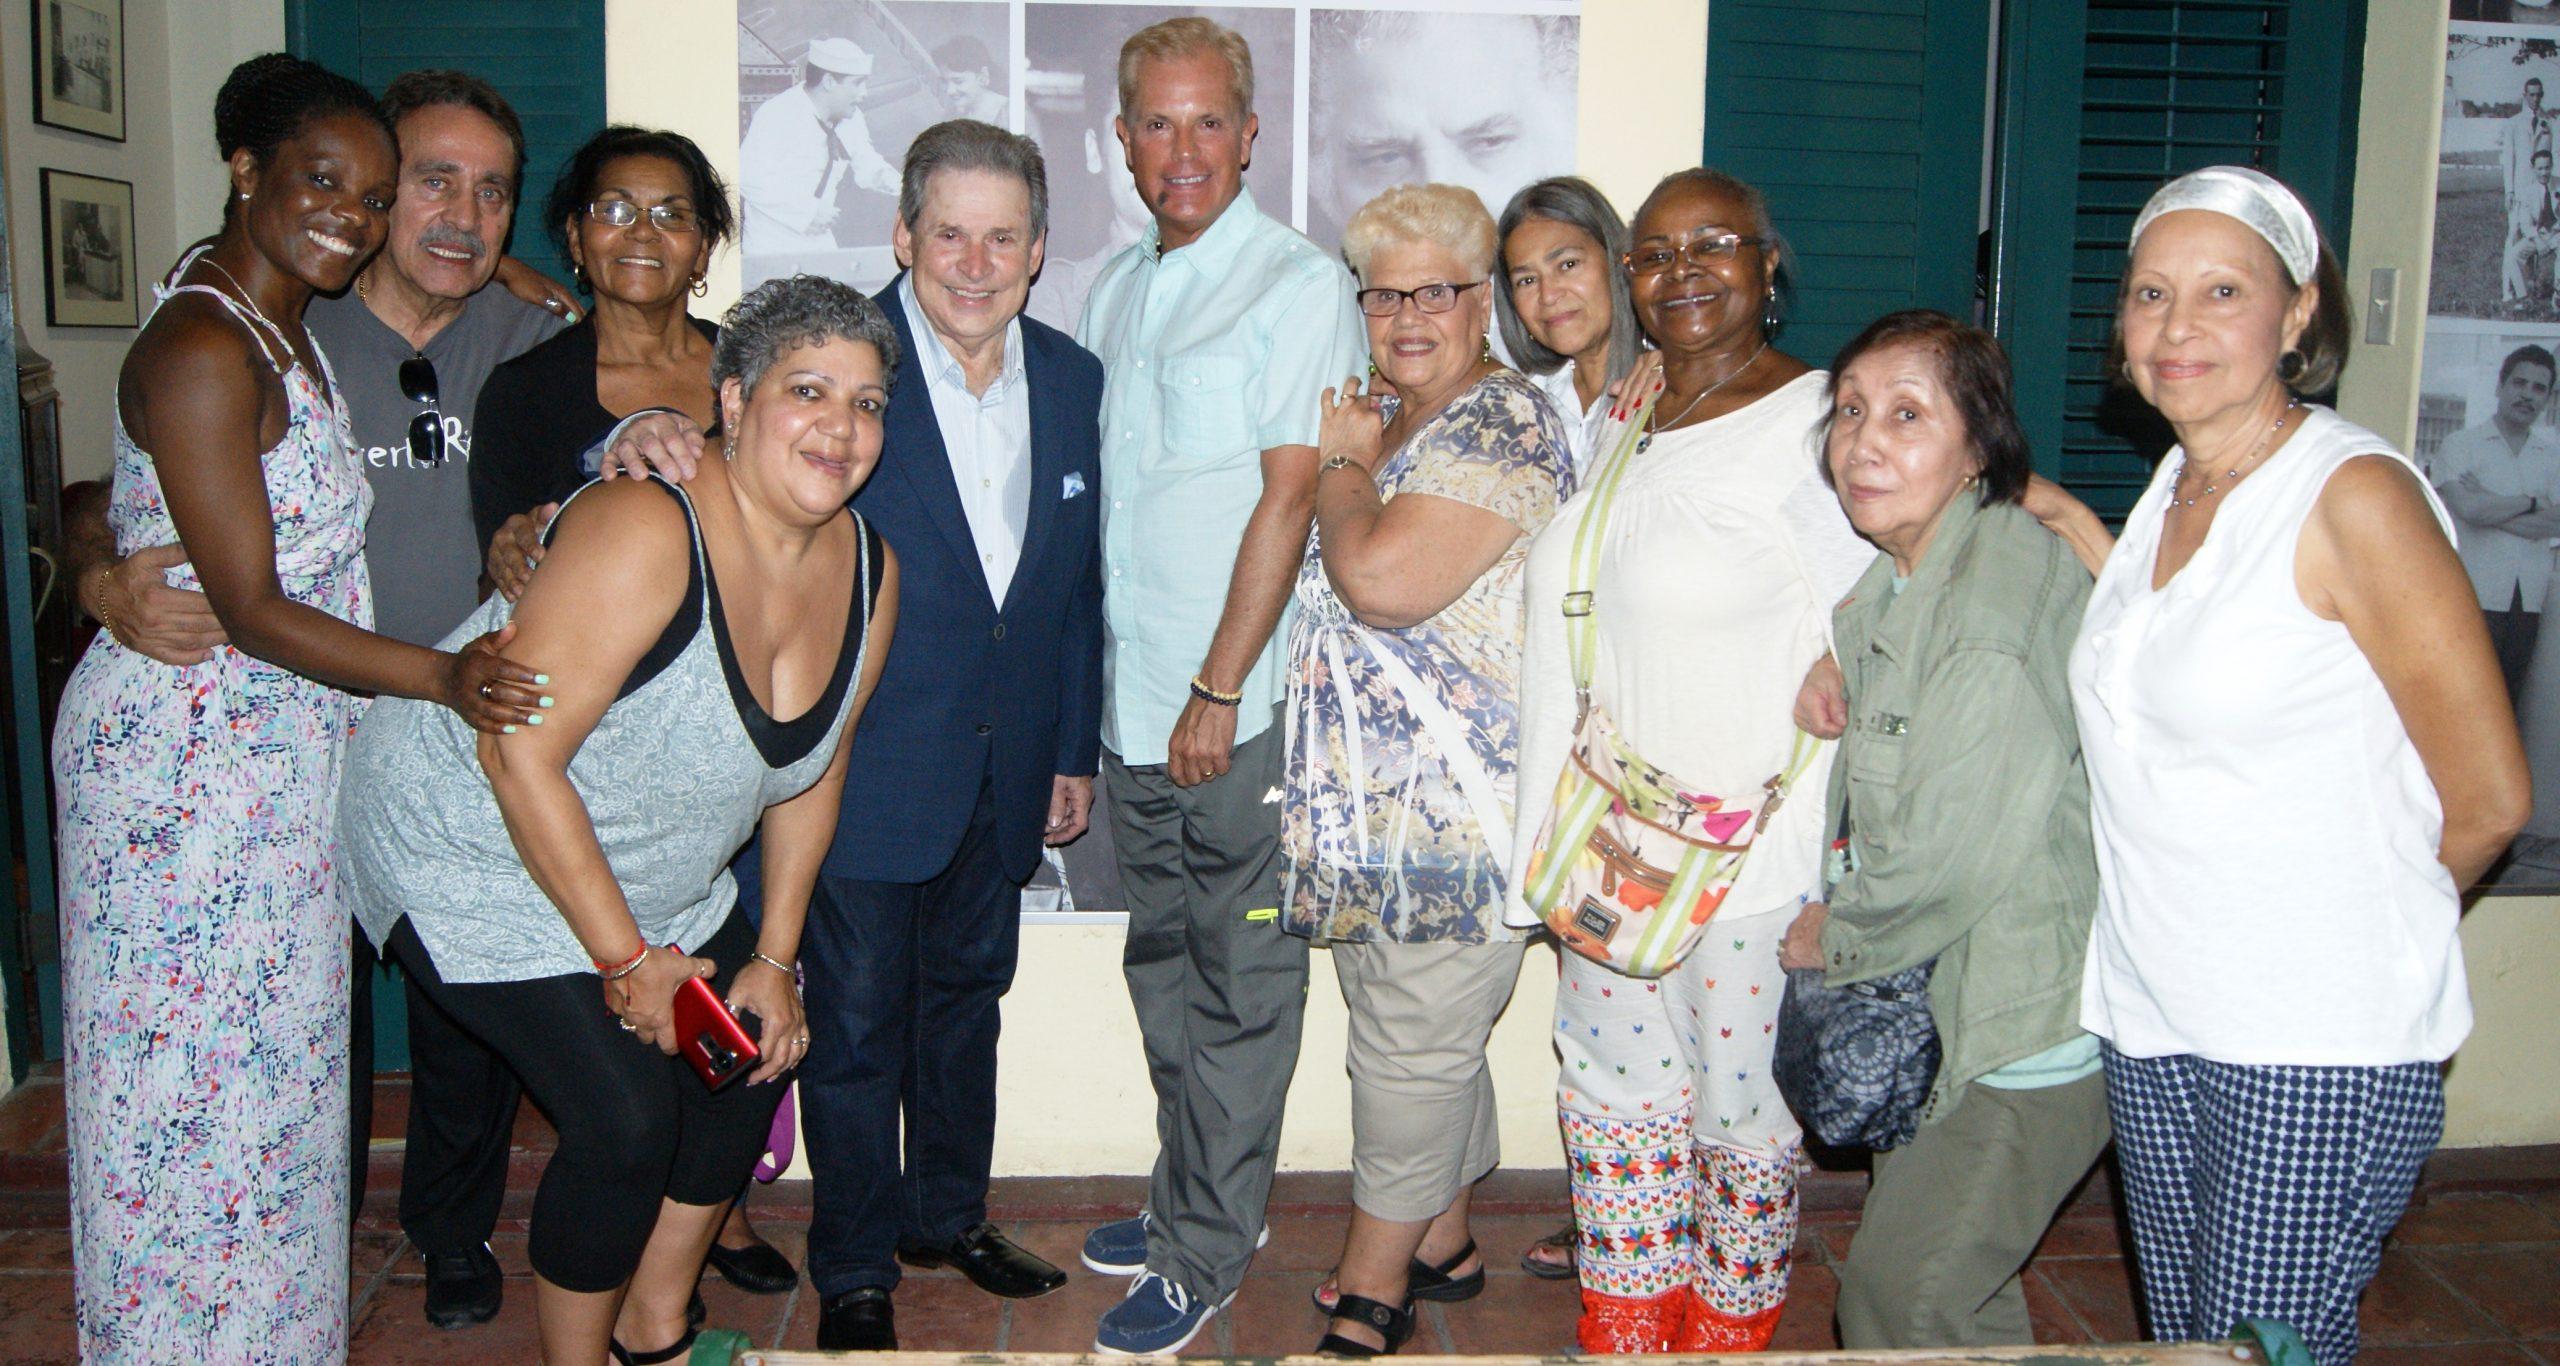 El cantante mayaguezano compartió con los visitantes al concluir su presentación. (Foto Luis Ernesto Berríos para Fundación Nacional para la Cultura Popular)